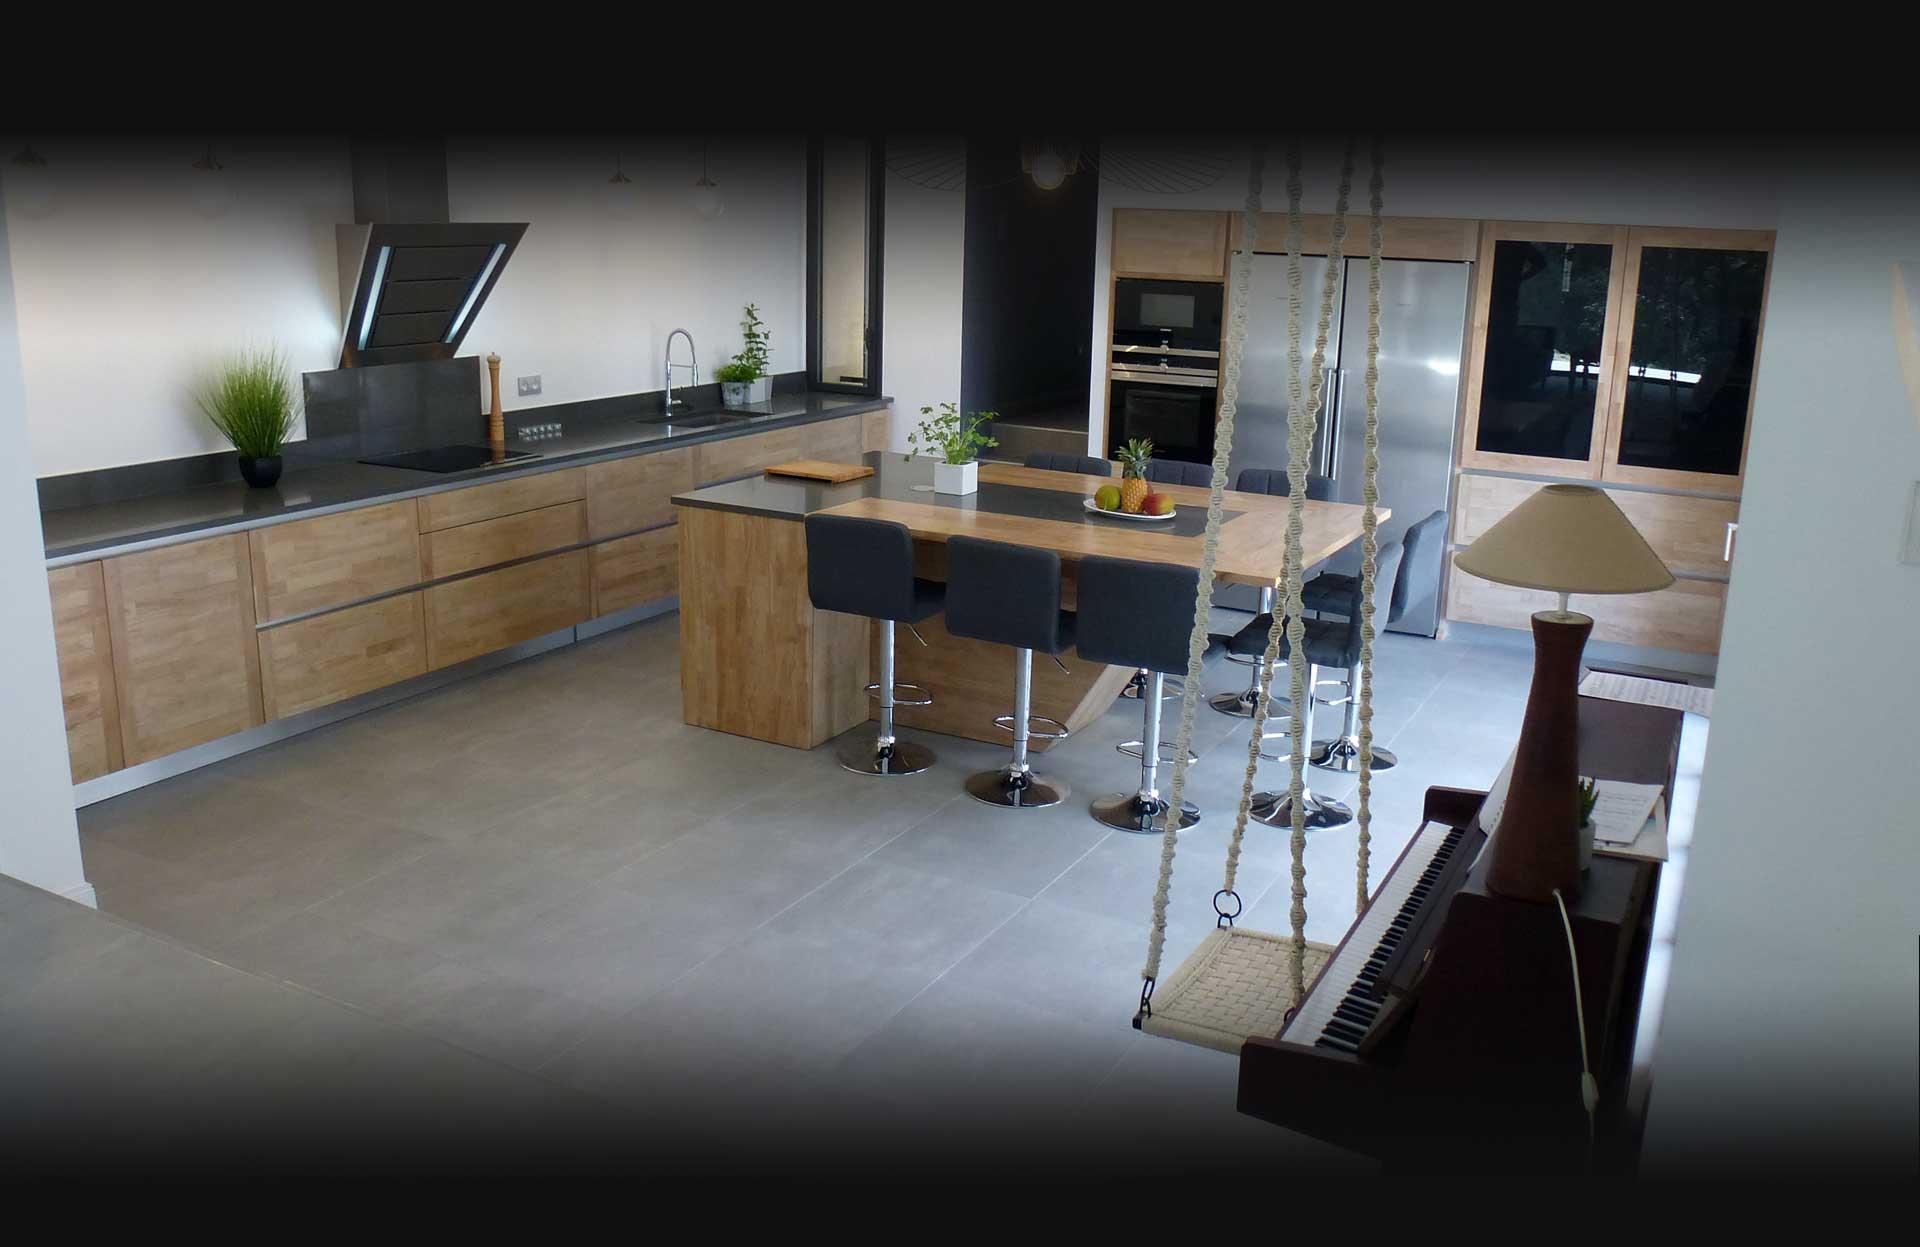 Atelier Bois Et Deco Fabricant De Cuisine Cuisiniste Vaucluse